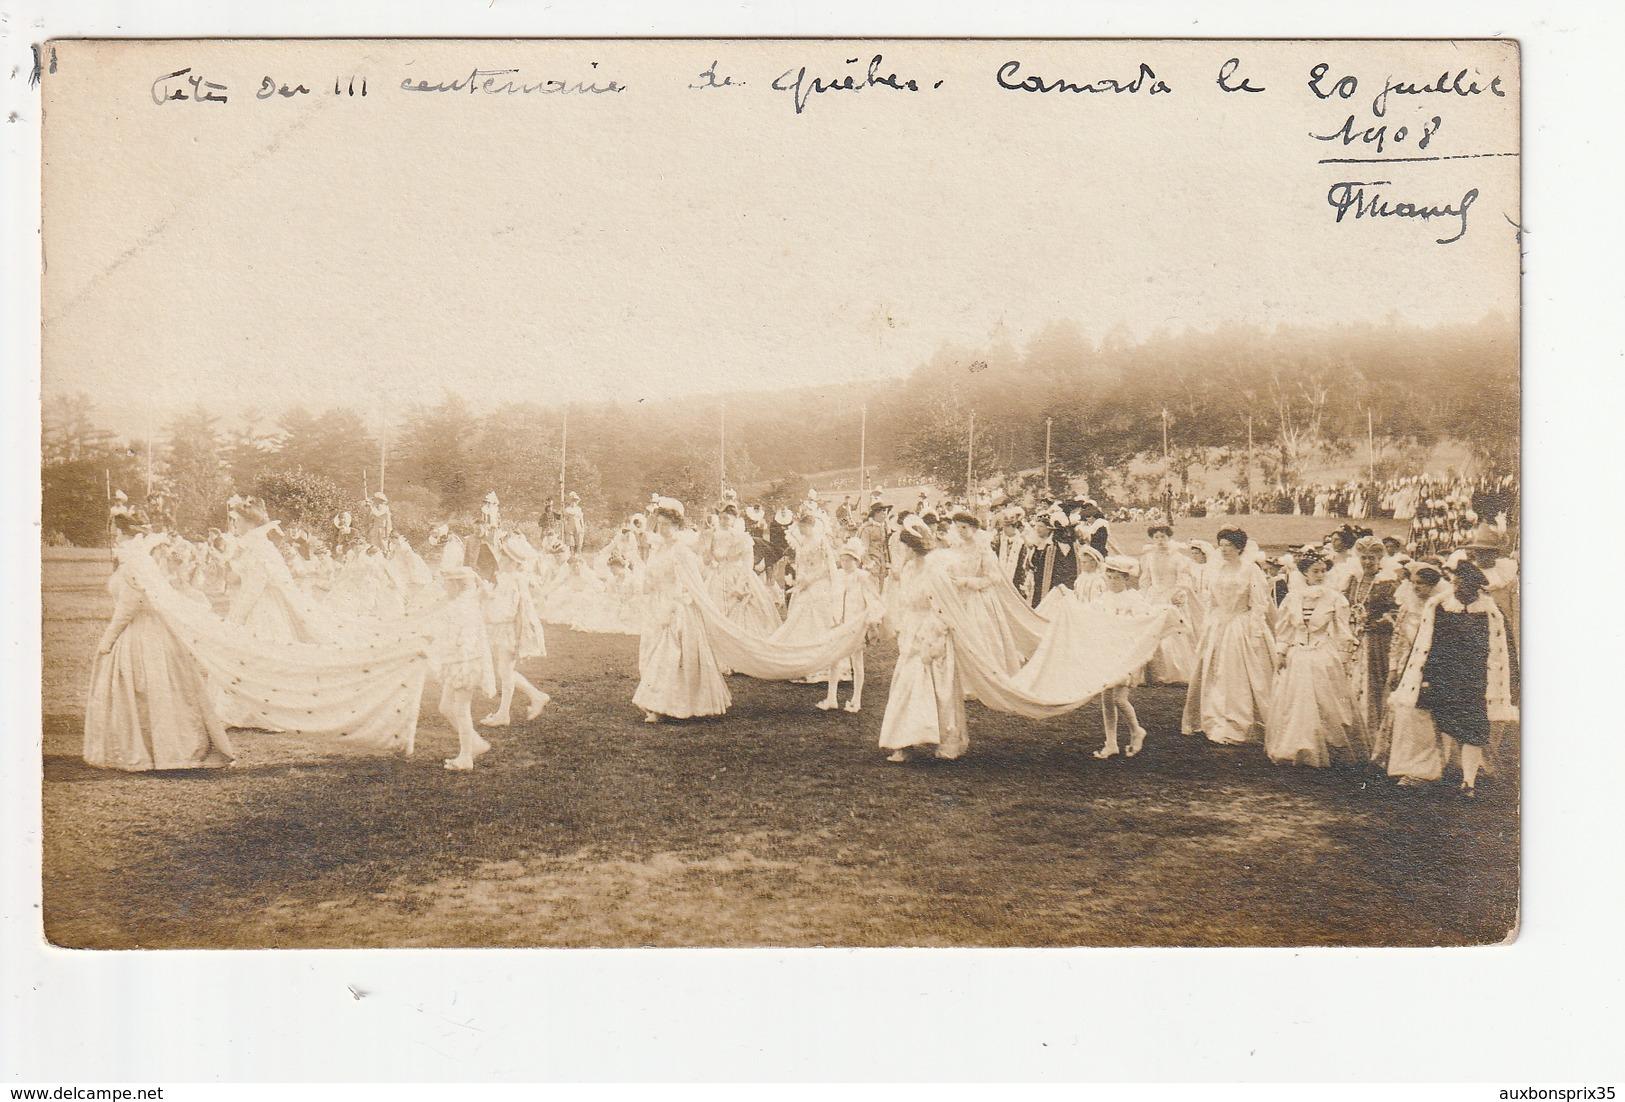 CARTE PHOTO - CANADA - FETE DU 3éme CENTENAIRE DU QUEBEC - 20 JUILLET 1908 - Quebec